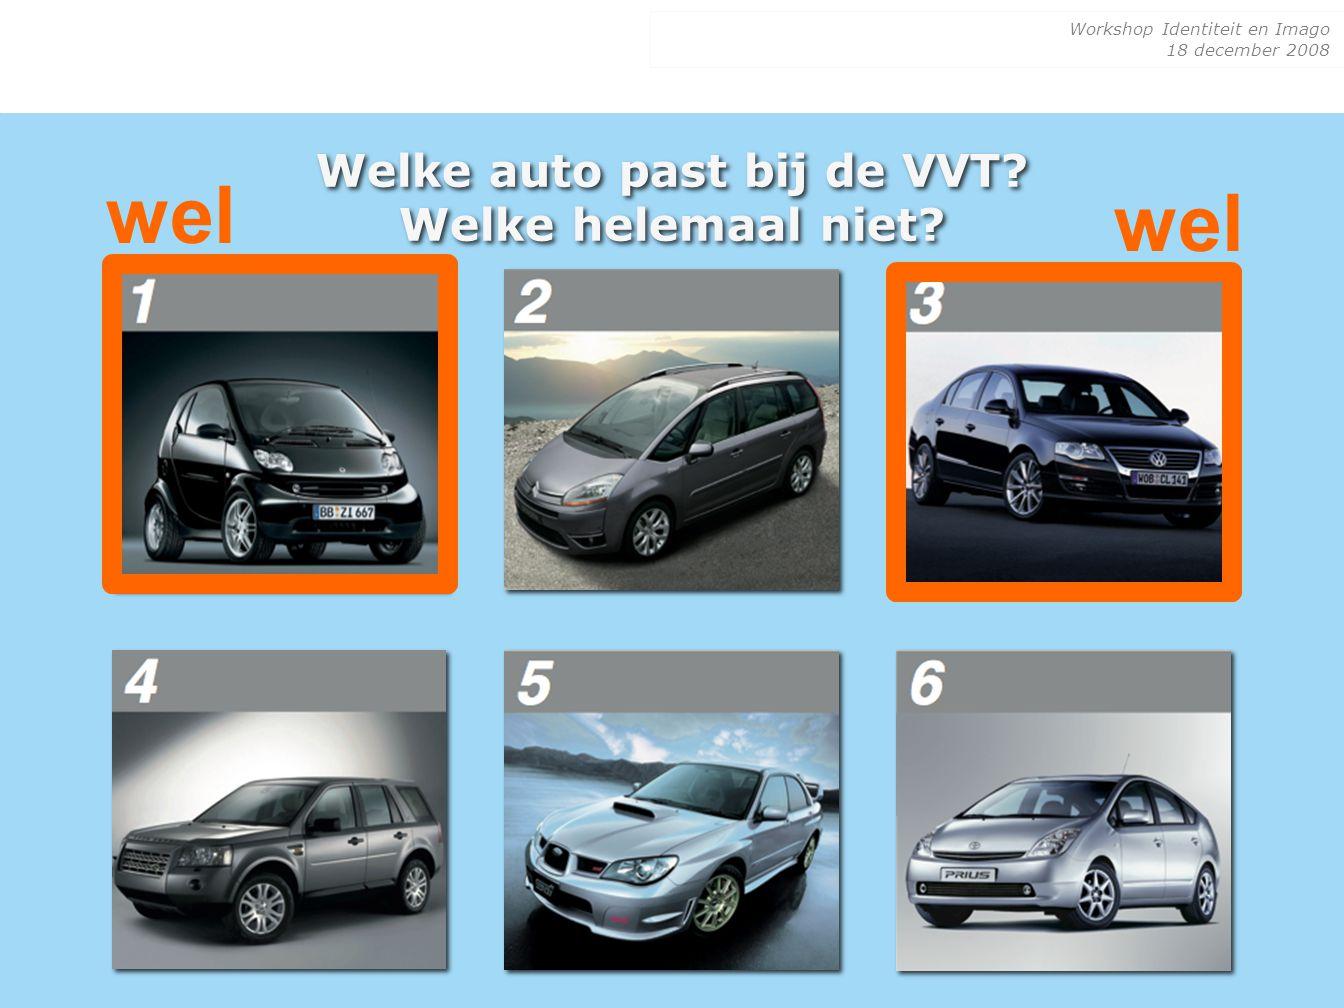 Welke auto past bij de VVT Welke helemaal niet